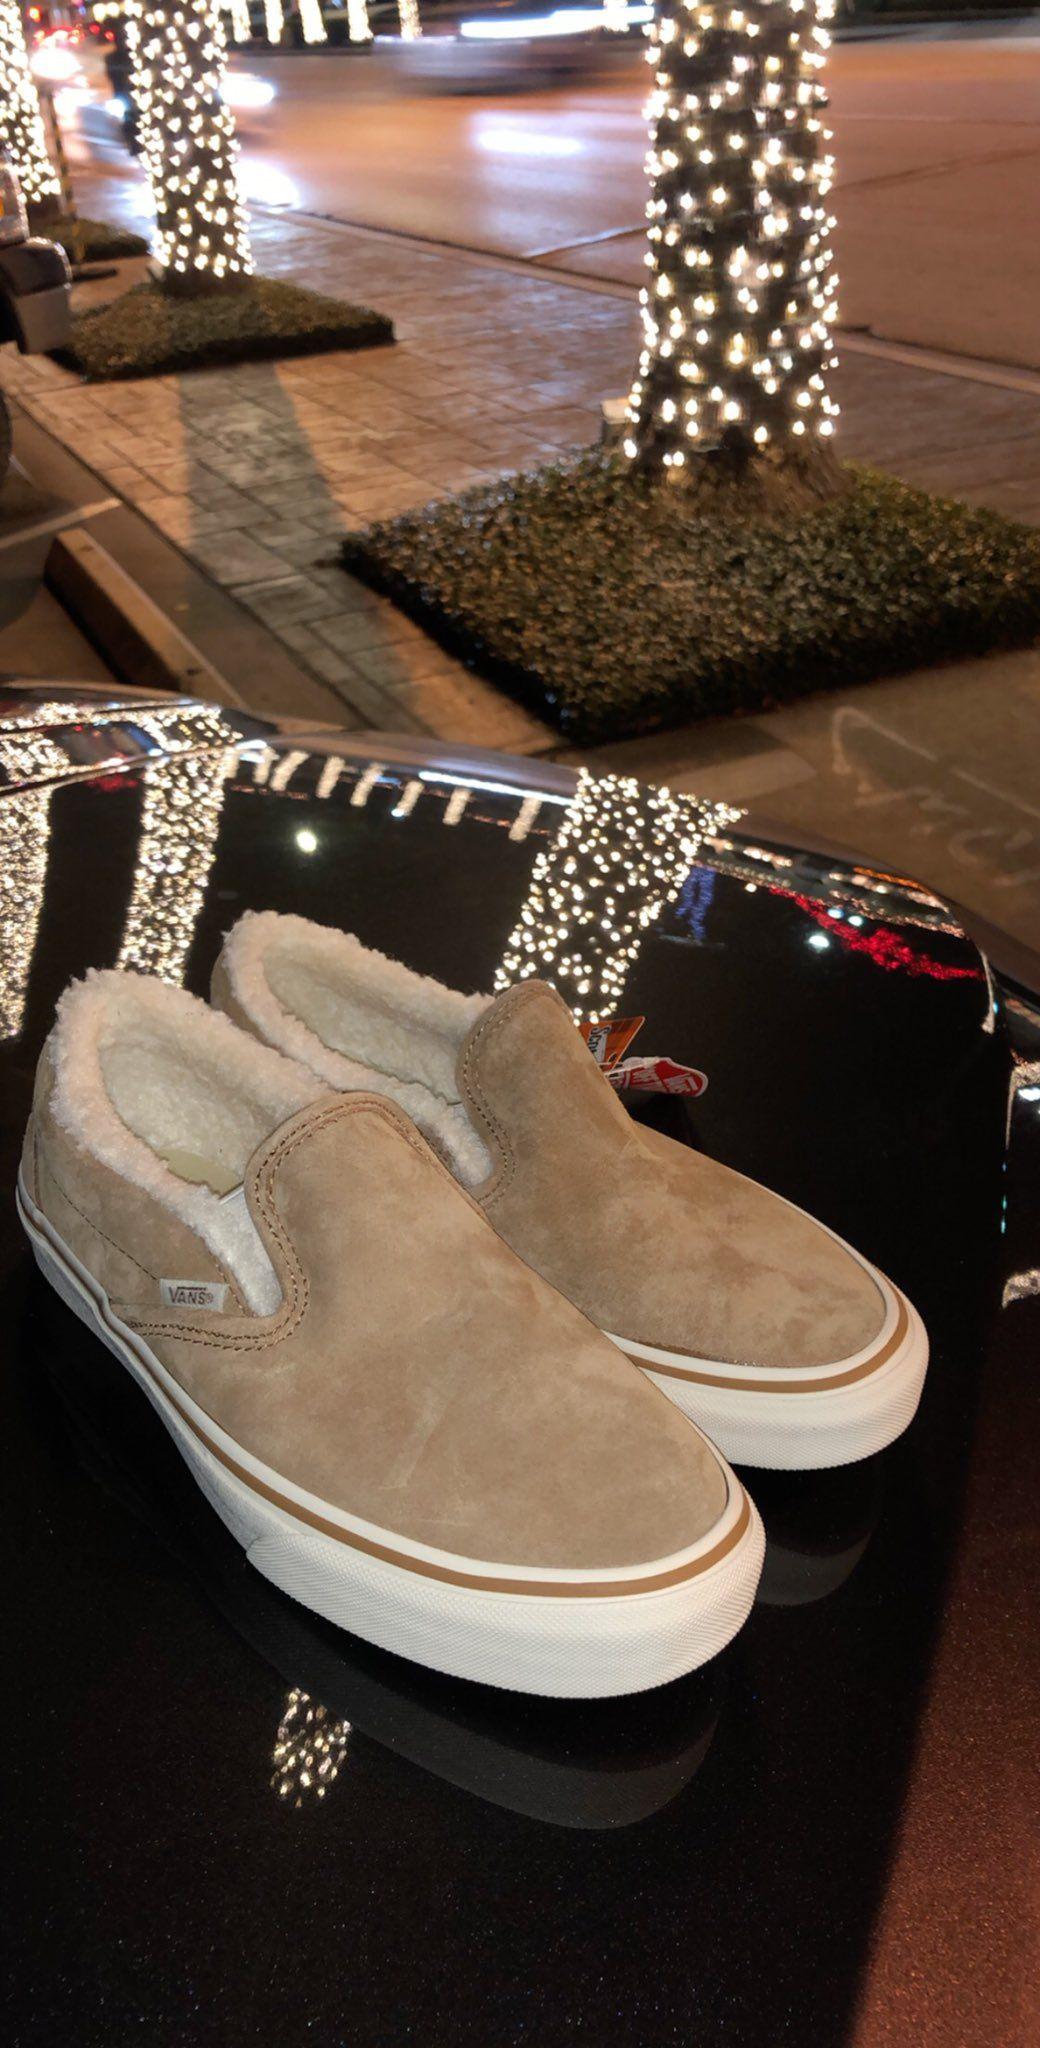 ⚡︎ ᴴᴮᴷᴹᴵ$ᴴᴬ   Shoes, Comfy shoes, Cute